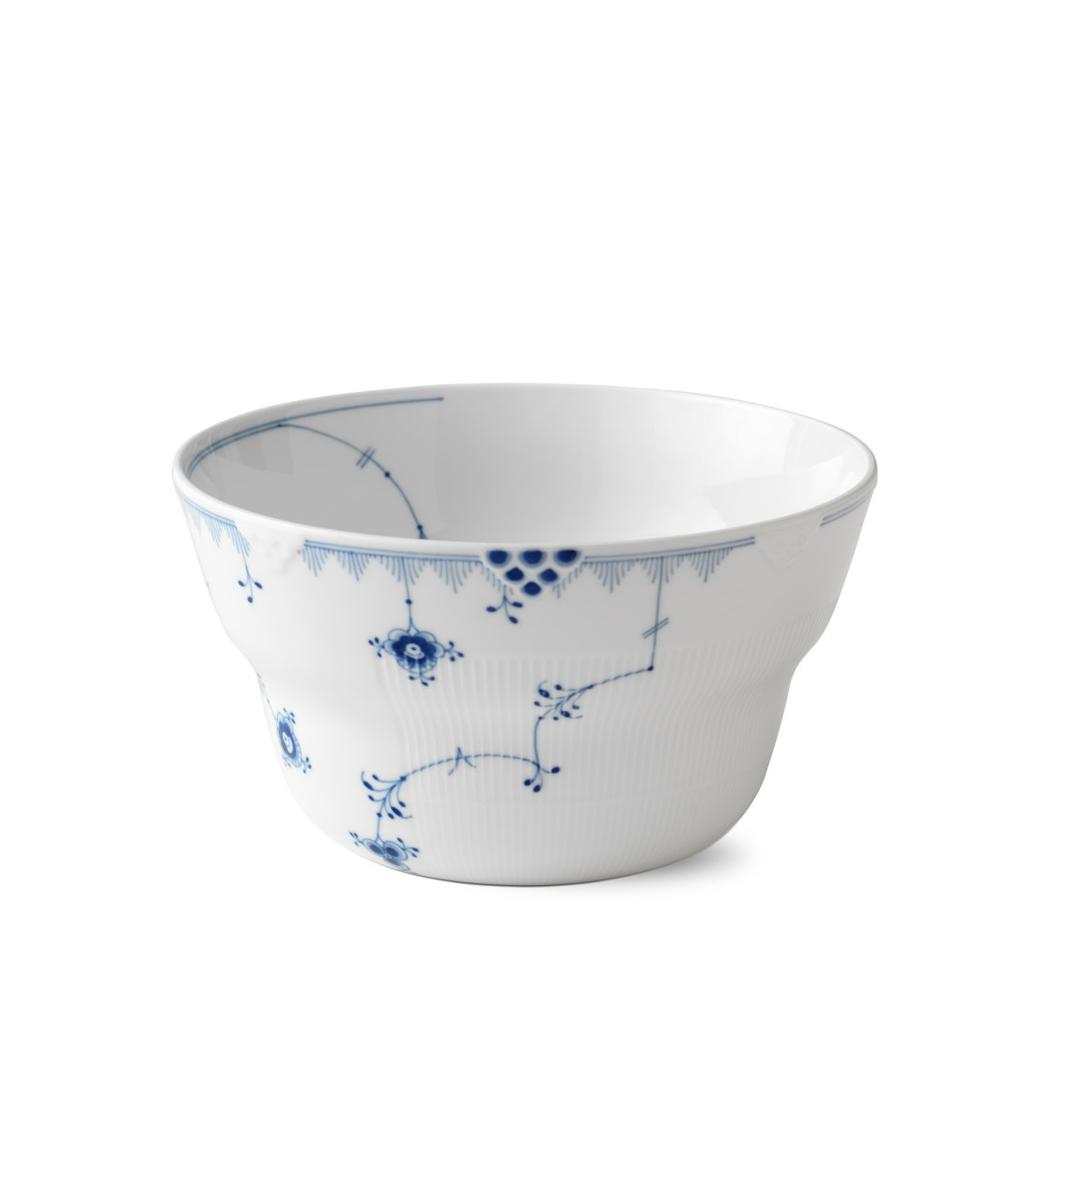 Royal Copenhagen, Blue Elements Bowl 3.5 Qt